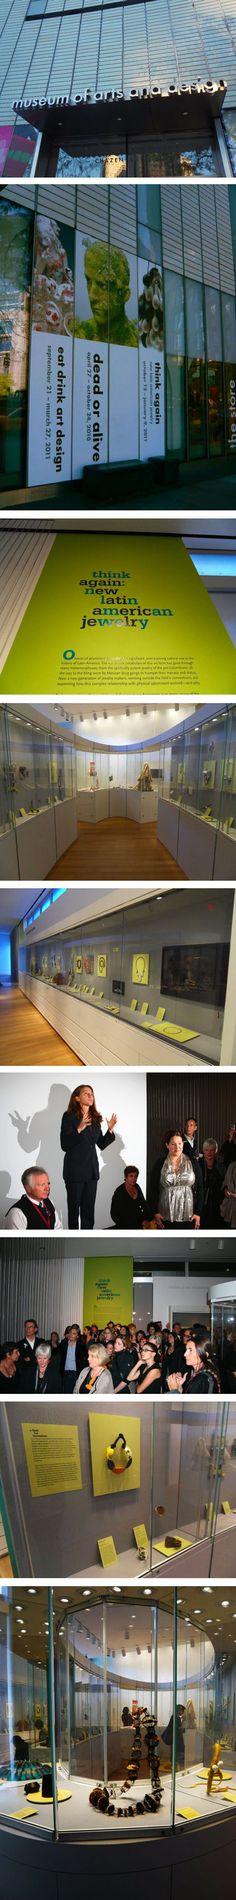 El pasado 12 de Octubre (en un muy simbólico Día de la Raza) la exposición Think Again: New Latin American Jewelry se inauguró en el Museo de Arte y Diseño (MAD) en Nueva York con un récord de asistencia inaugural de 700 invitados. 46 de los 85 artistas cuyo trabajo fue presentado en la exposición asistieron a la inauguración haciendo de este un emotivo evento.